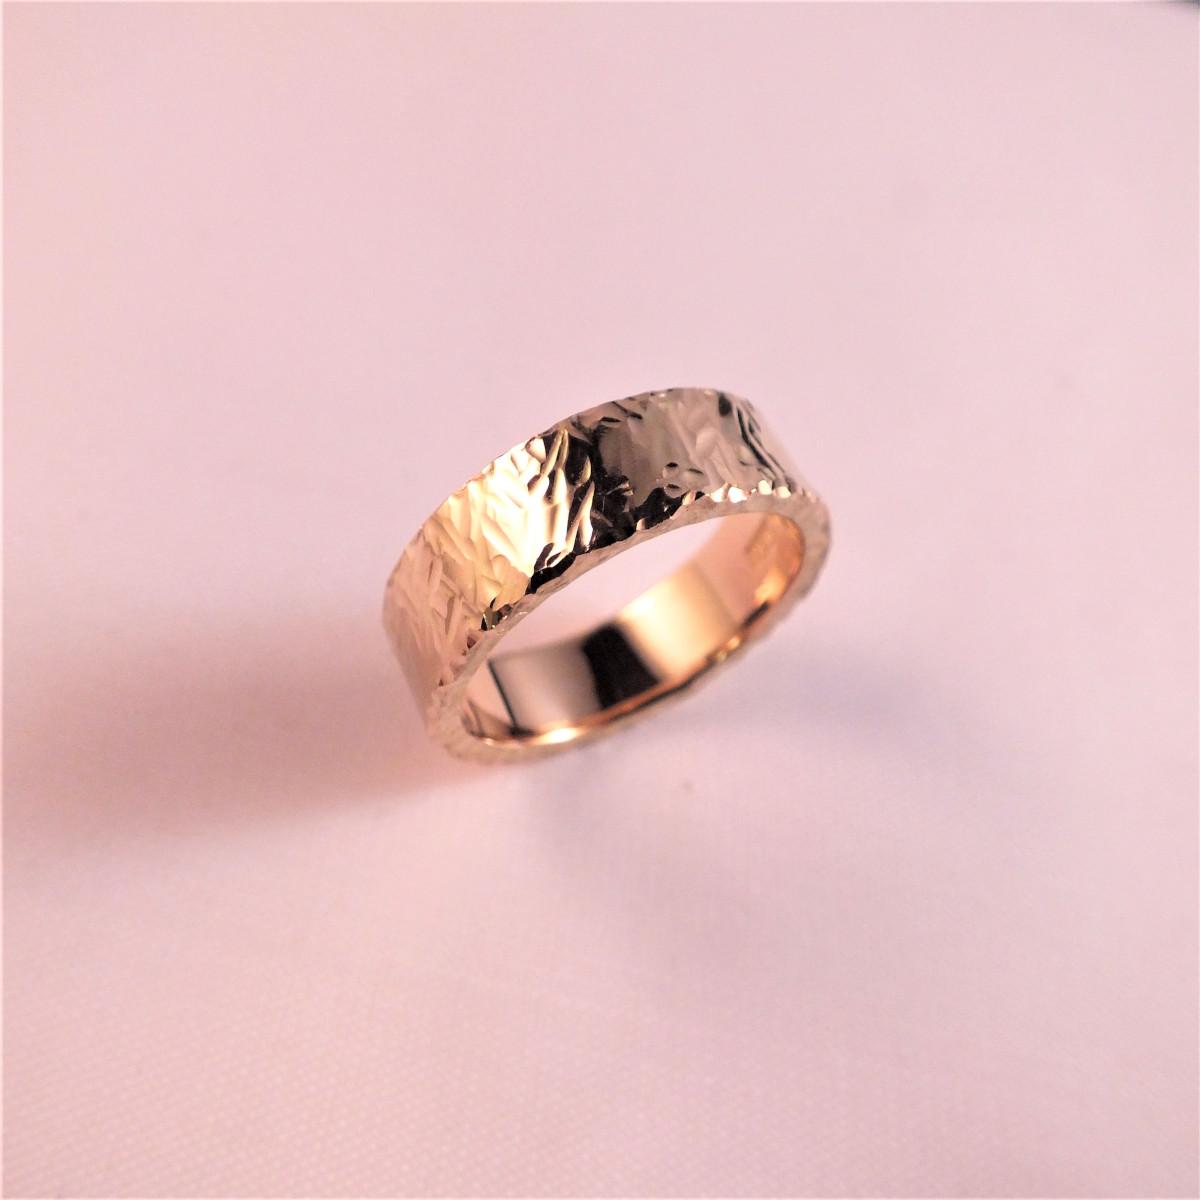 Herring, hamrad ring, rödguldsring